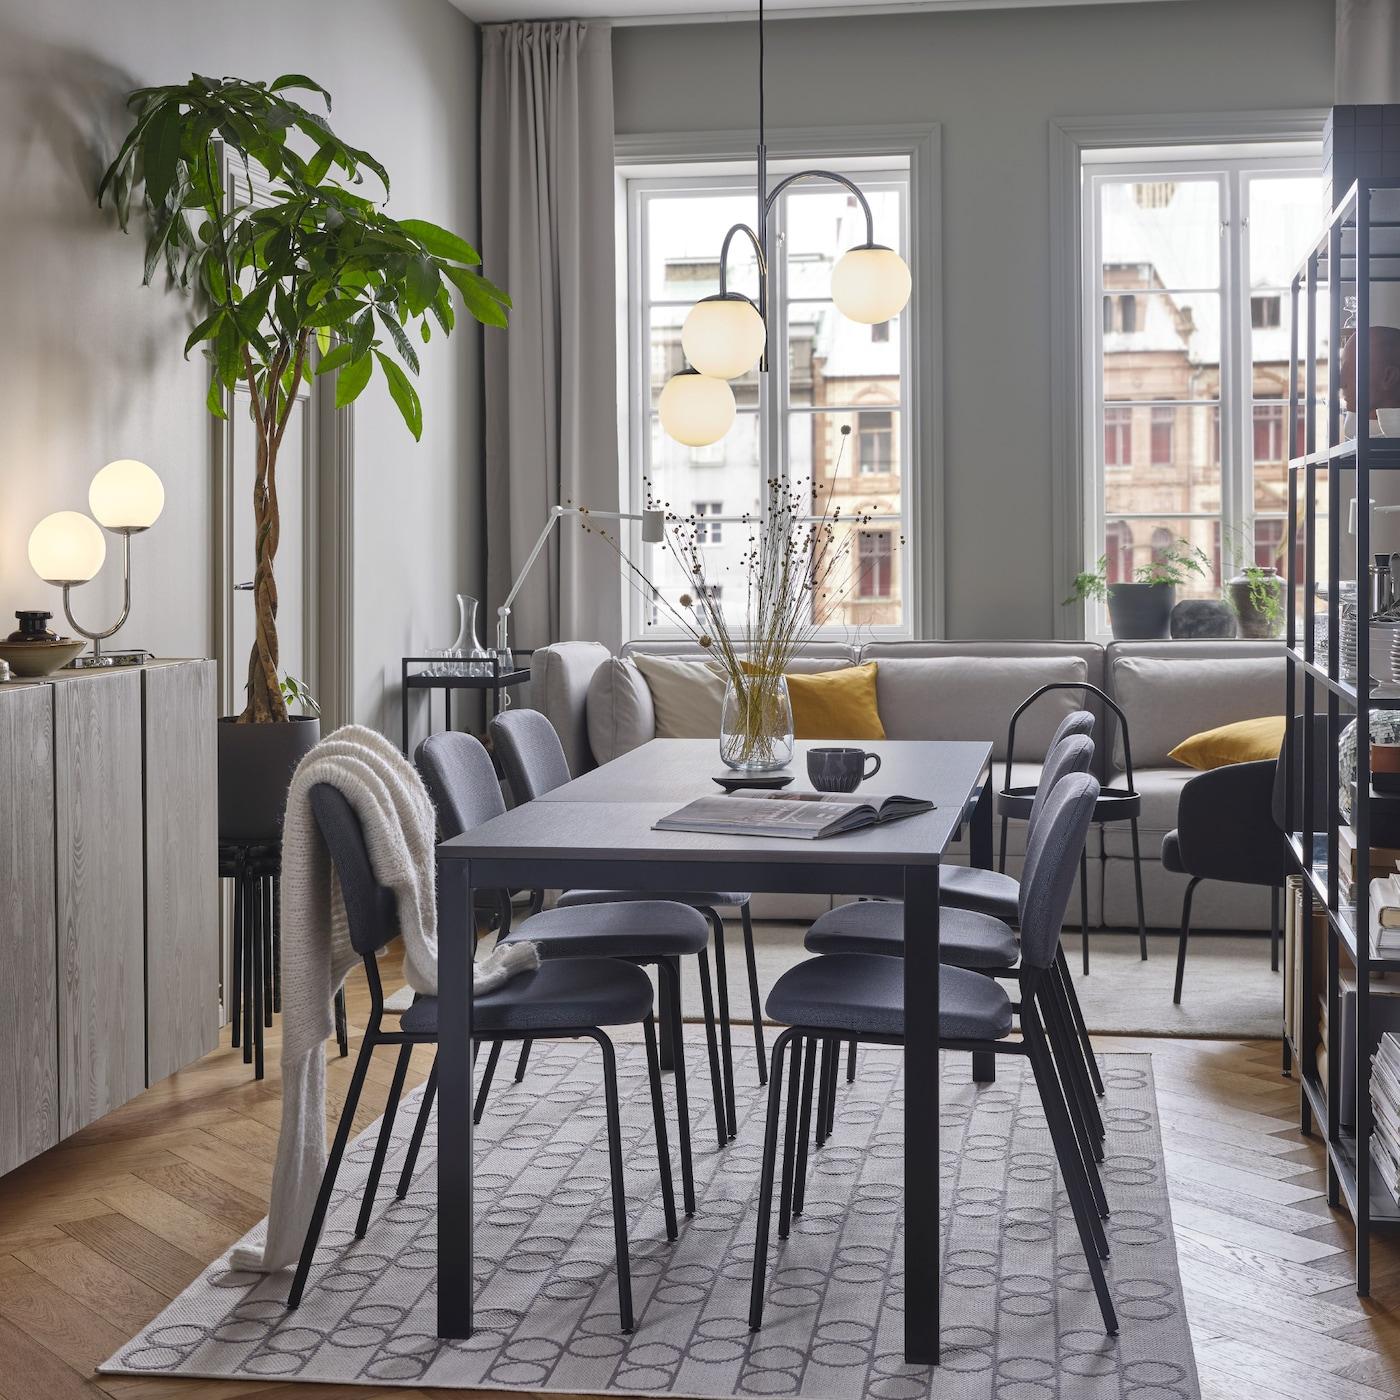 Lampade Sopra Tavolo Da Pranzo idee per arredare la sala da pranzo - ikea it